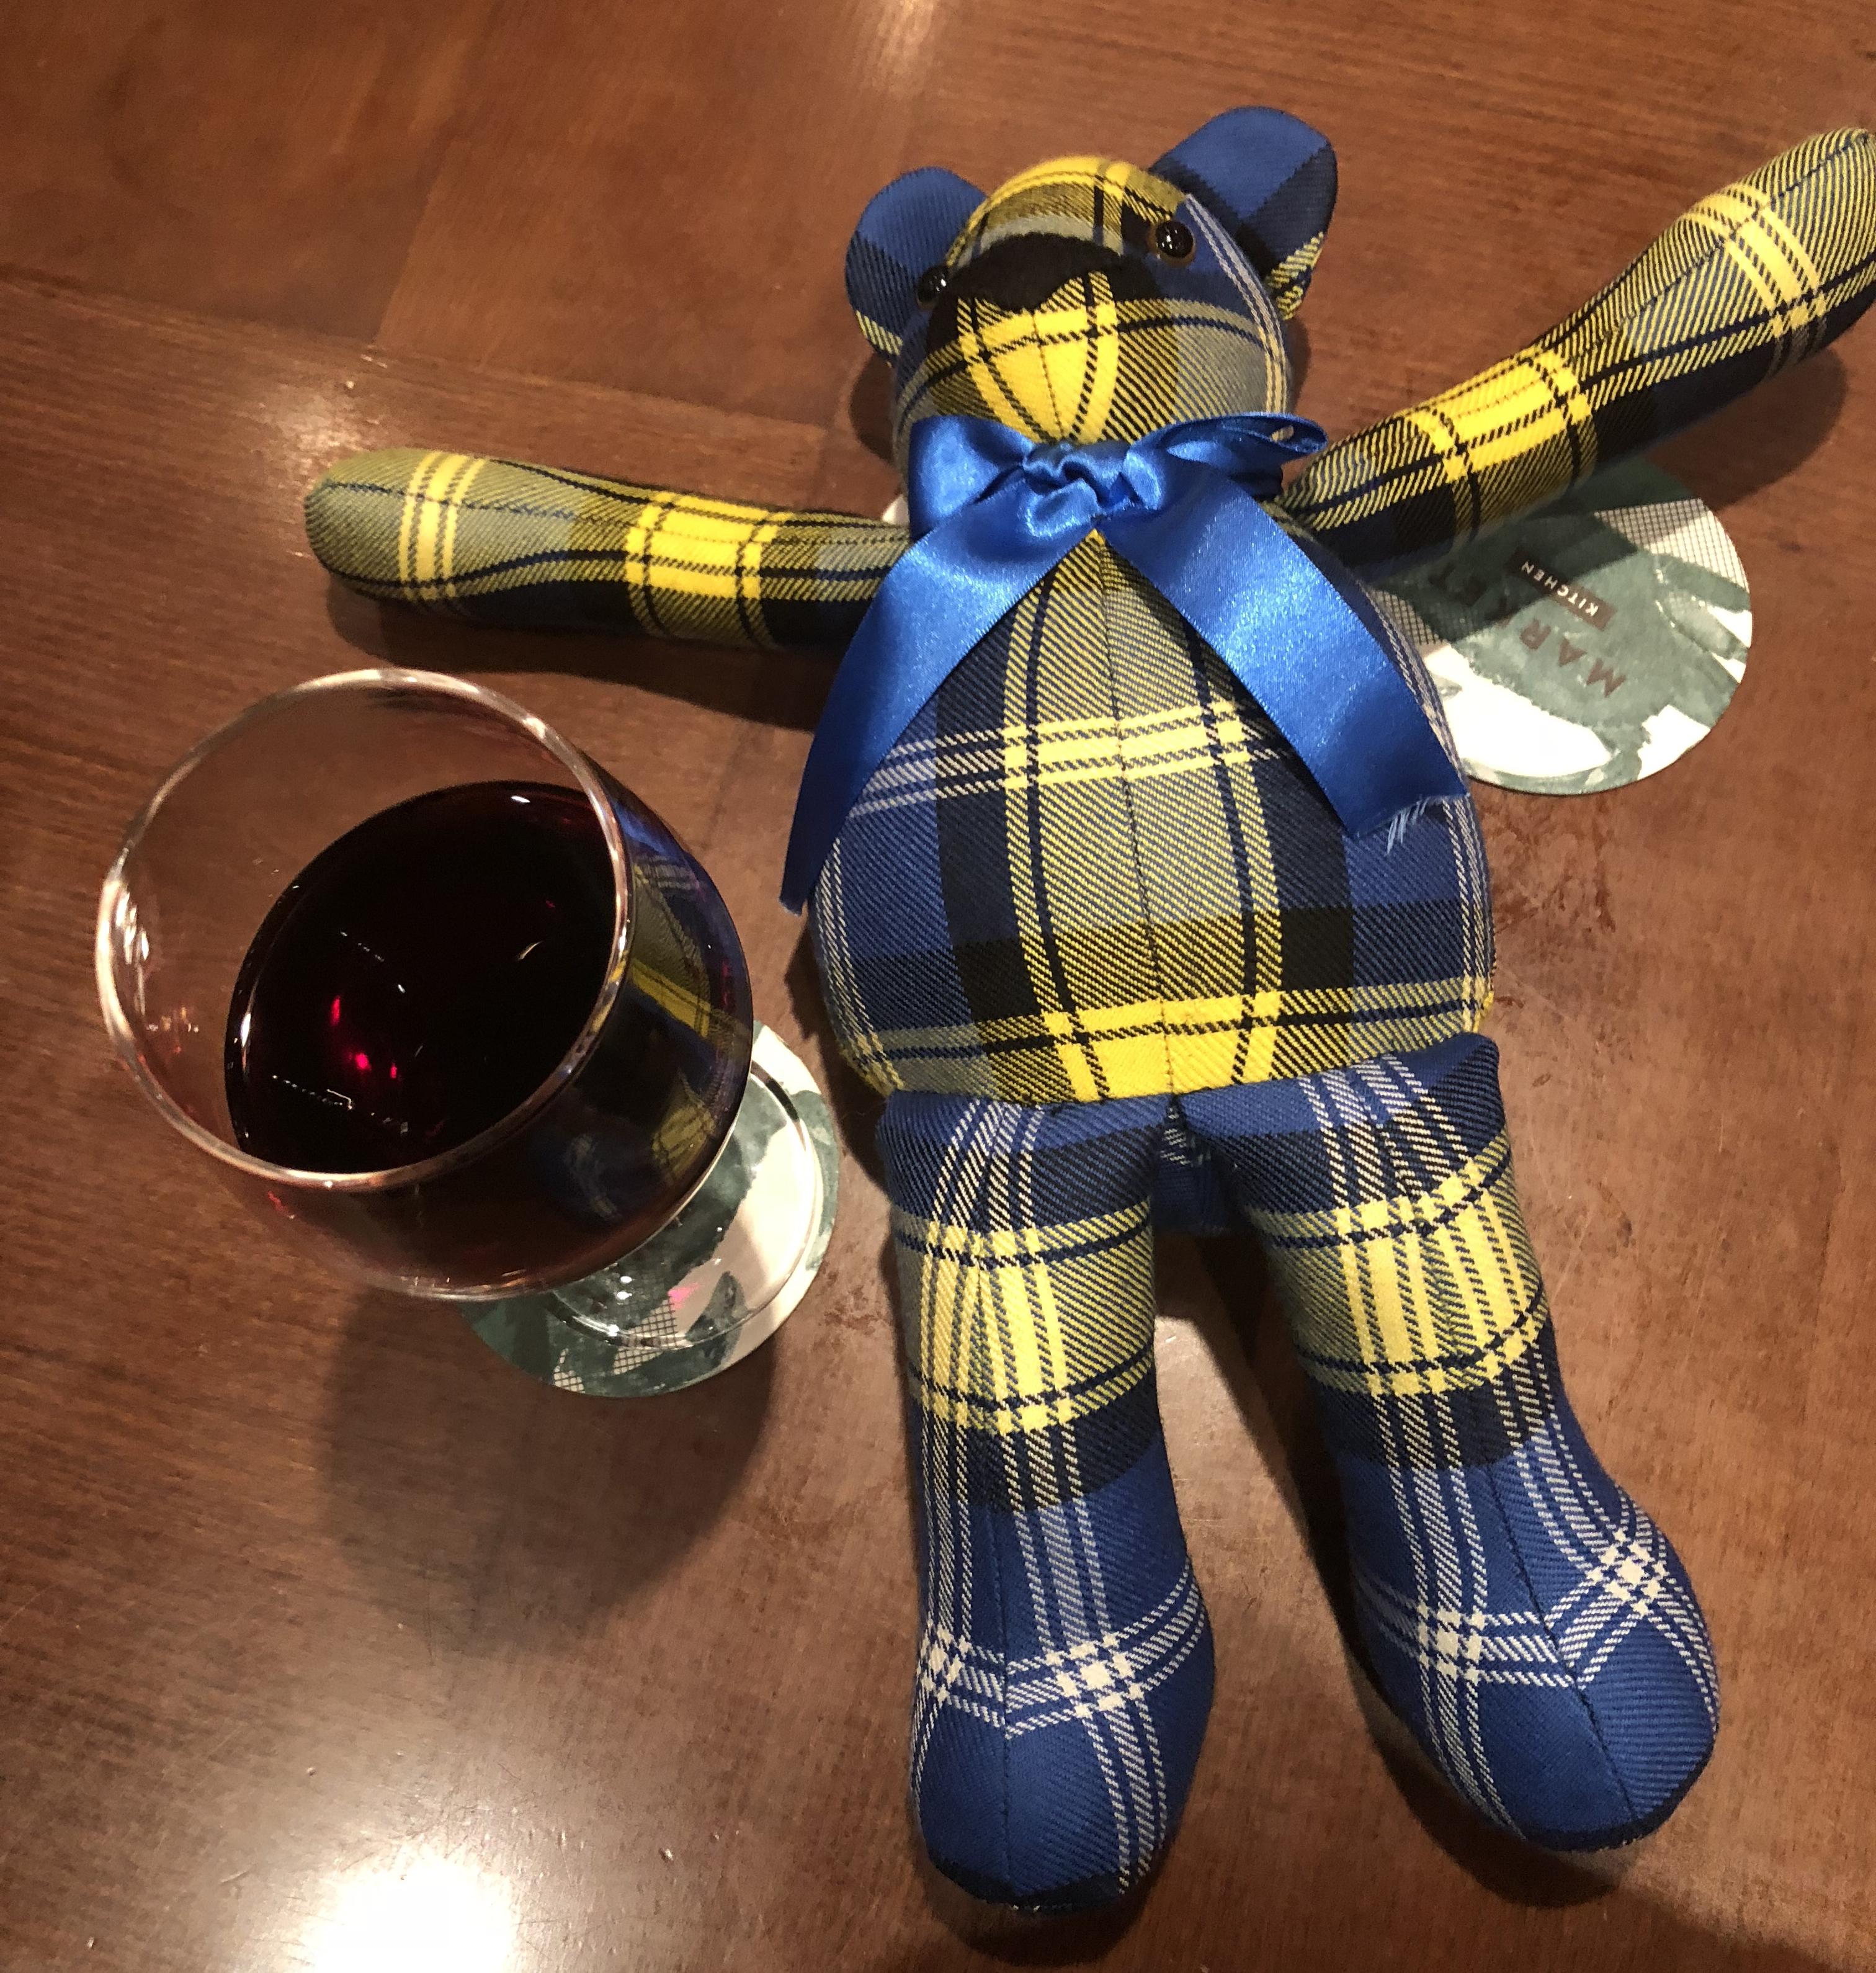 Doddie'5 Tartan Ted - An evening with Doddie Weir